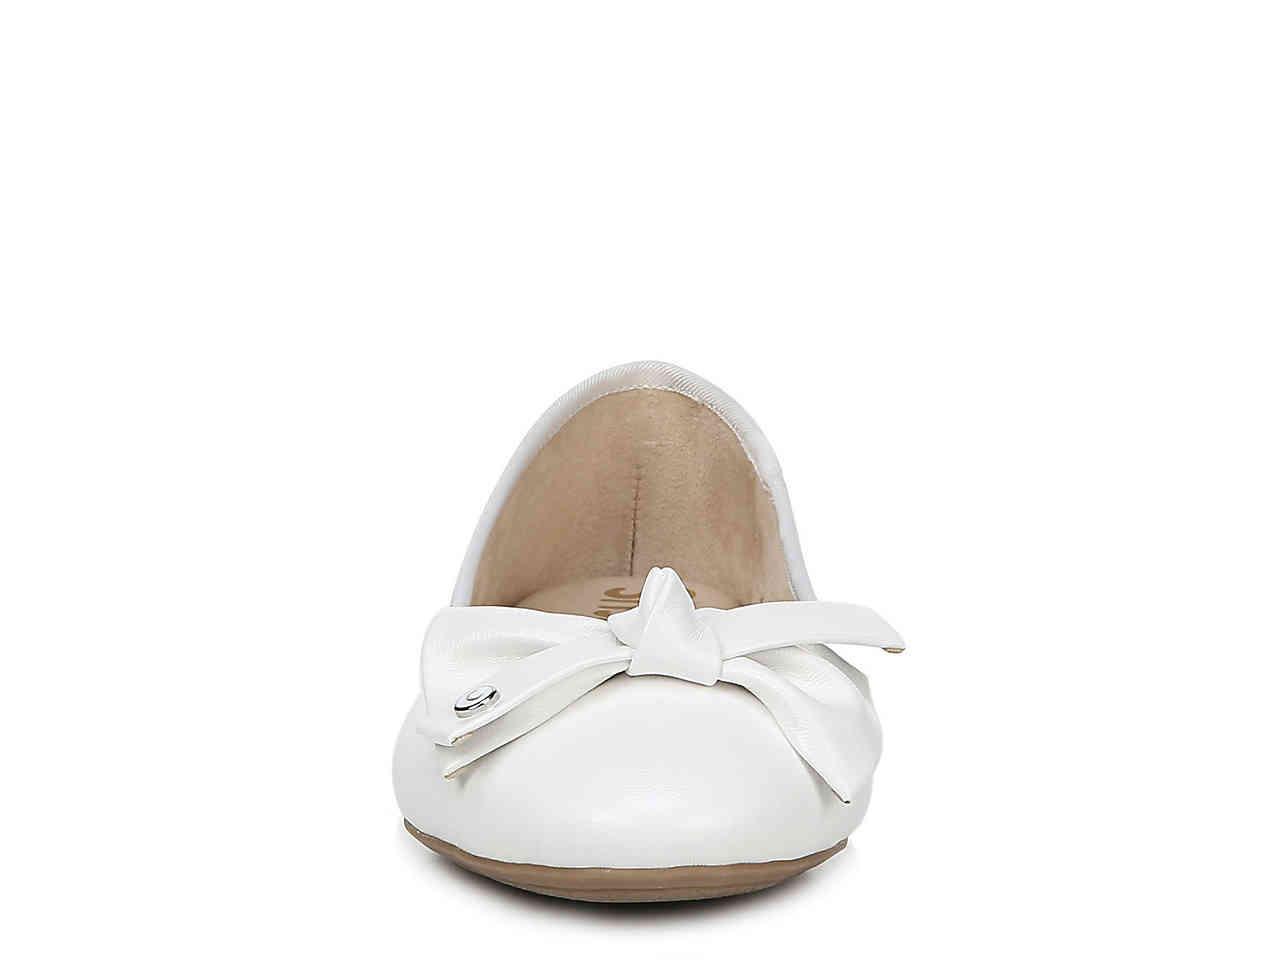 292971fe34c0 Circus by Sam Edelman - White Connie Ballet Flat - Lyst. View fullscreen